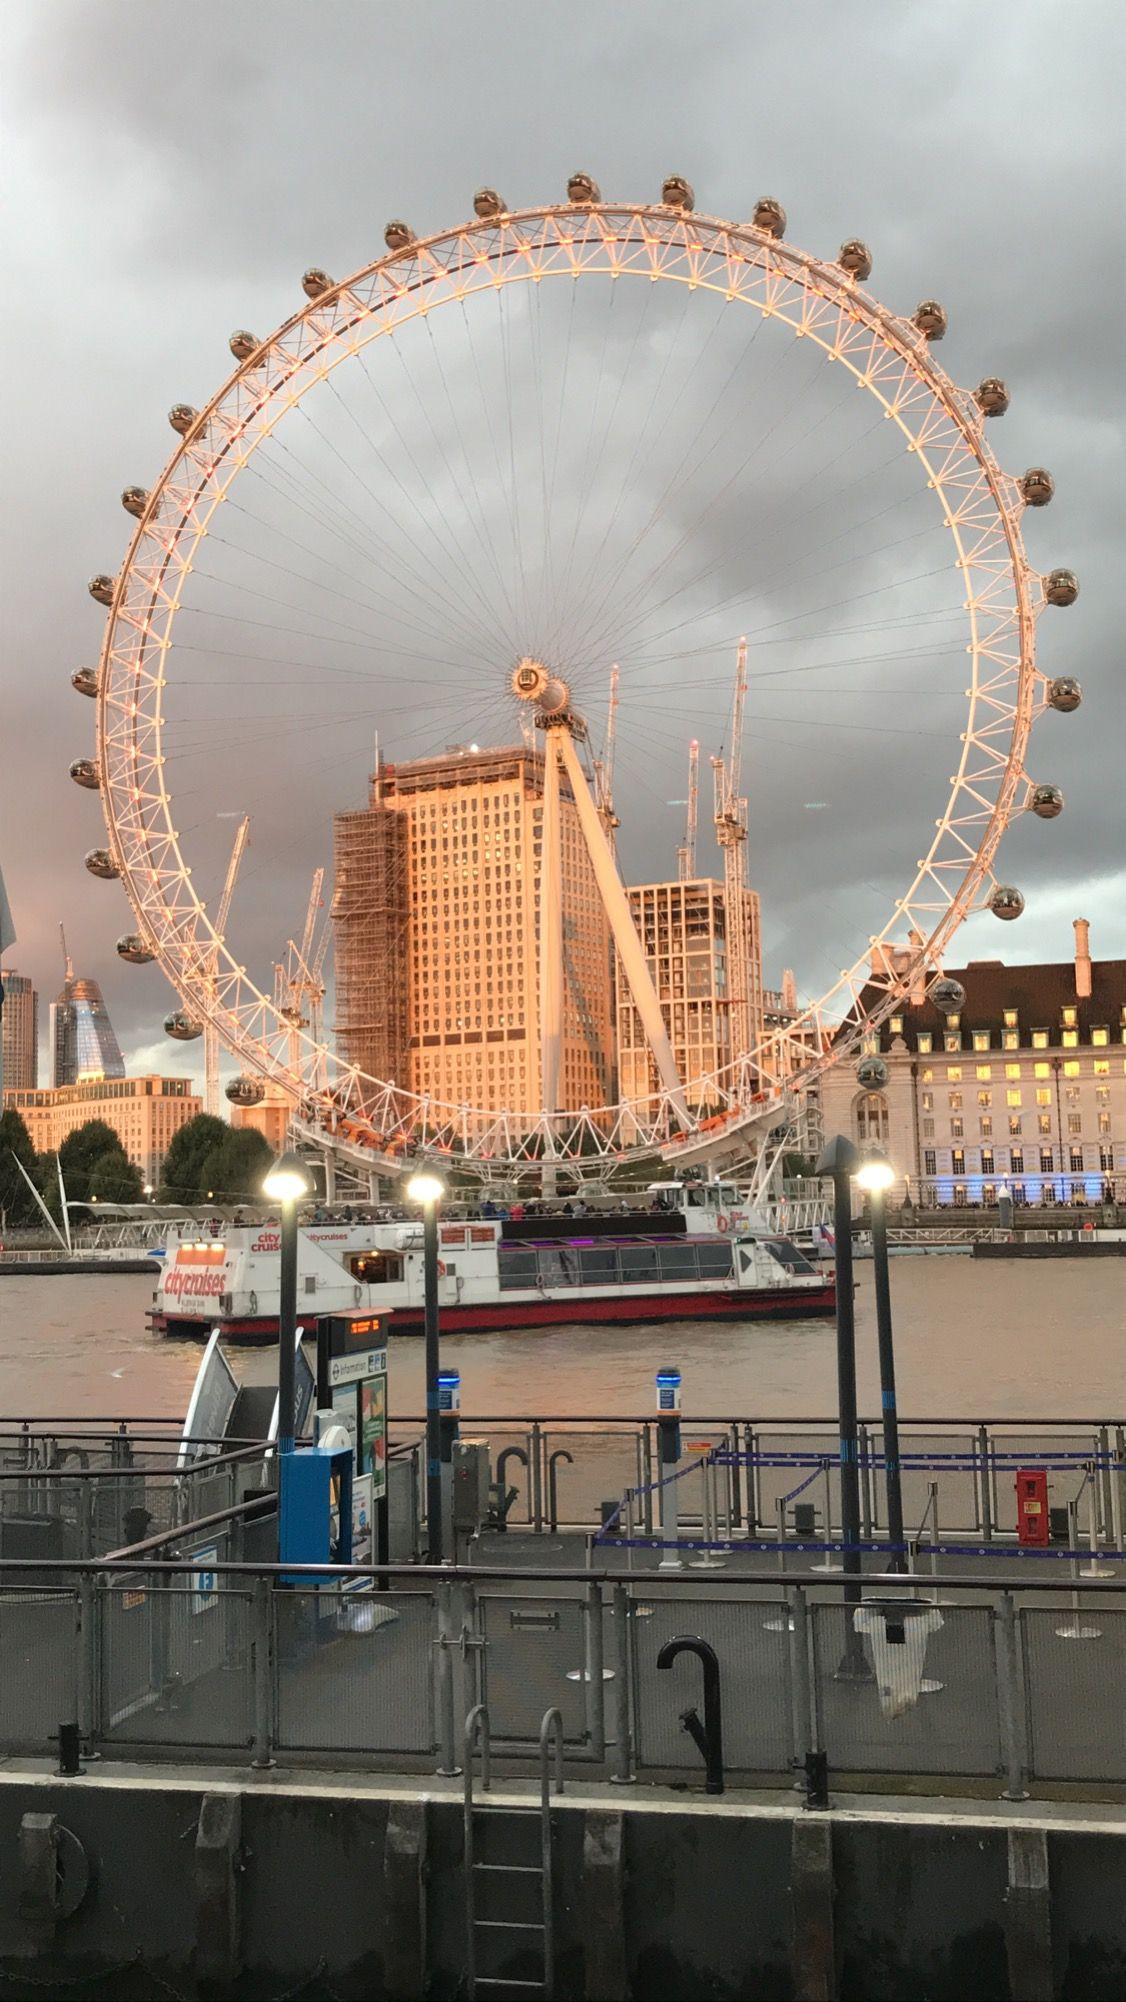 London Fall Fair